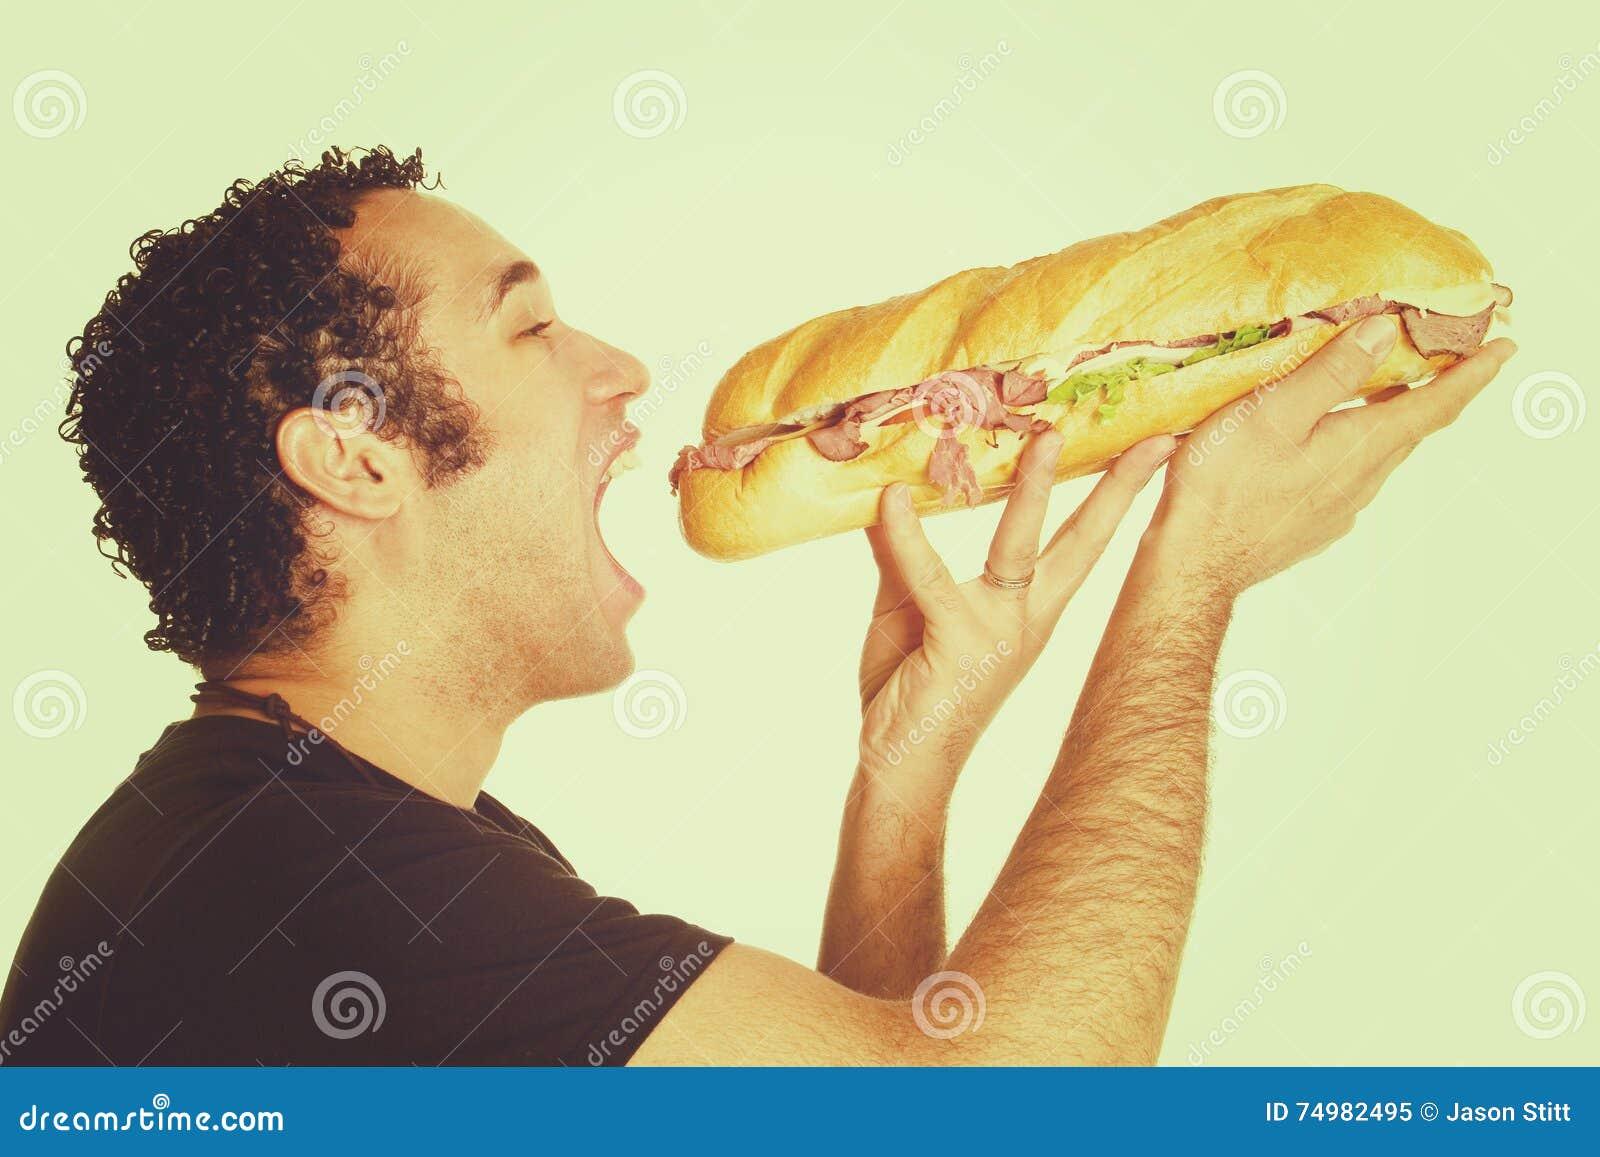 Sandwich mangeur d hommes